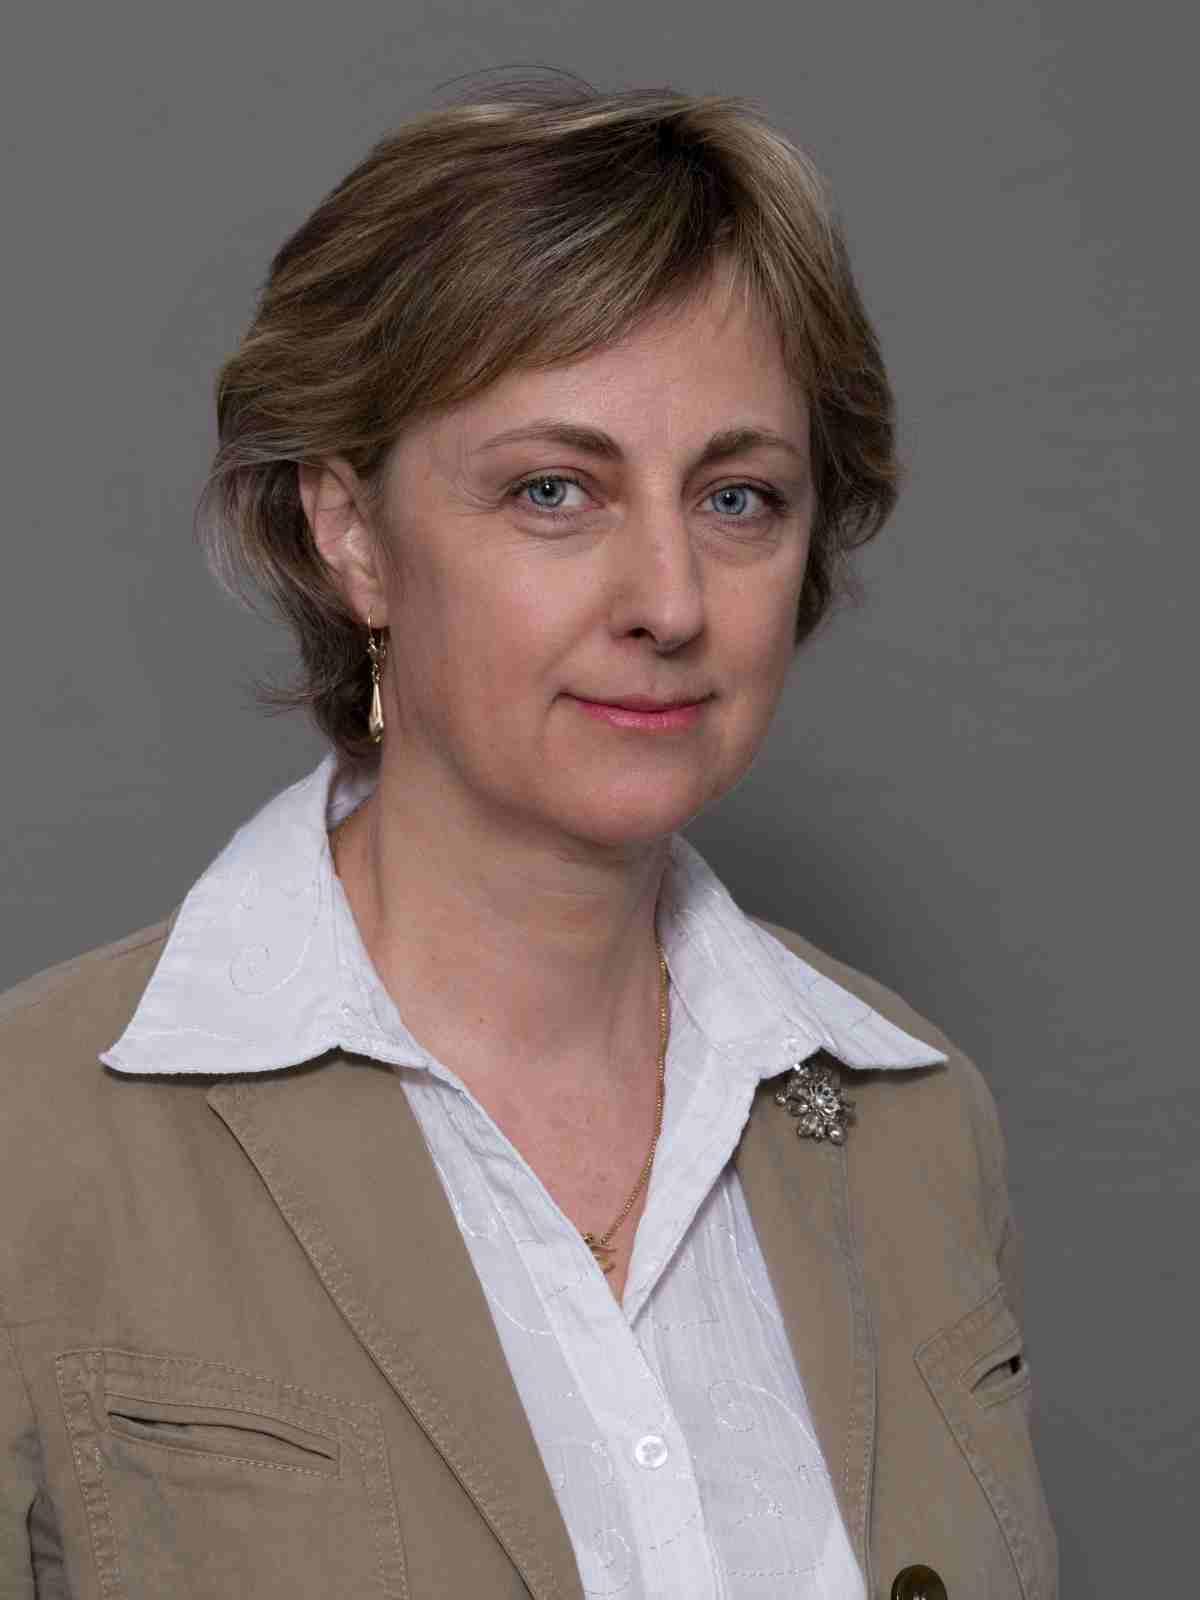 Sztanó Orsolya Kinga